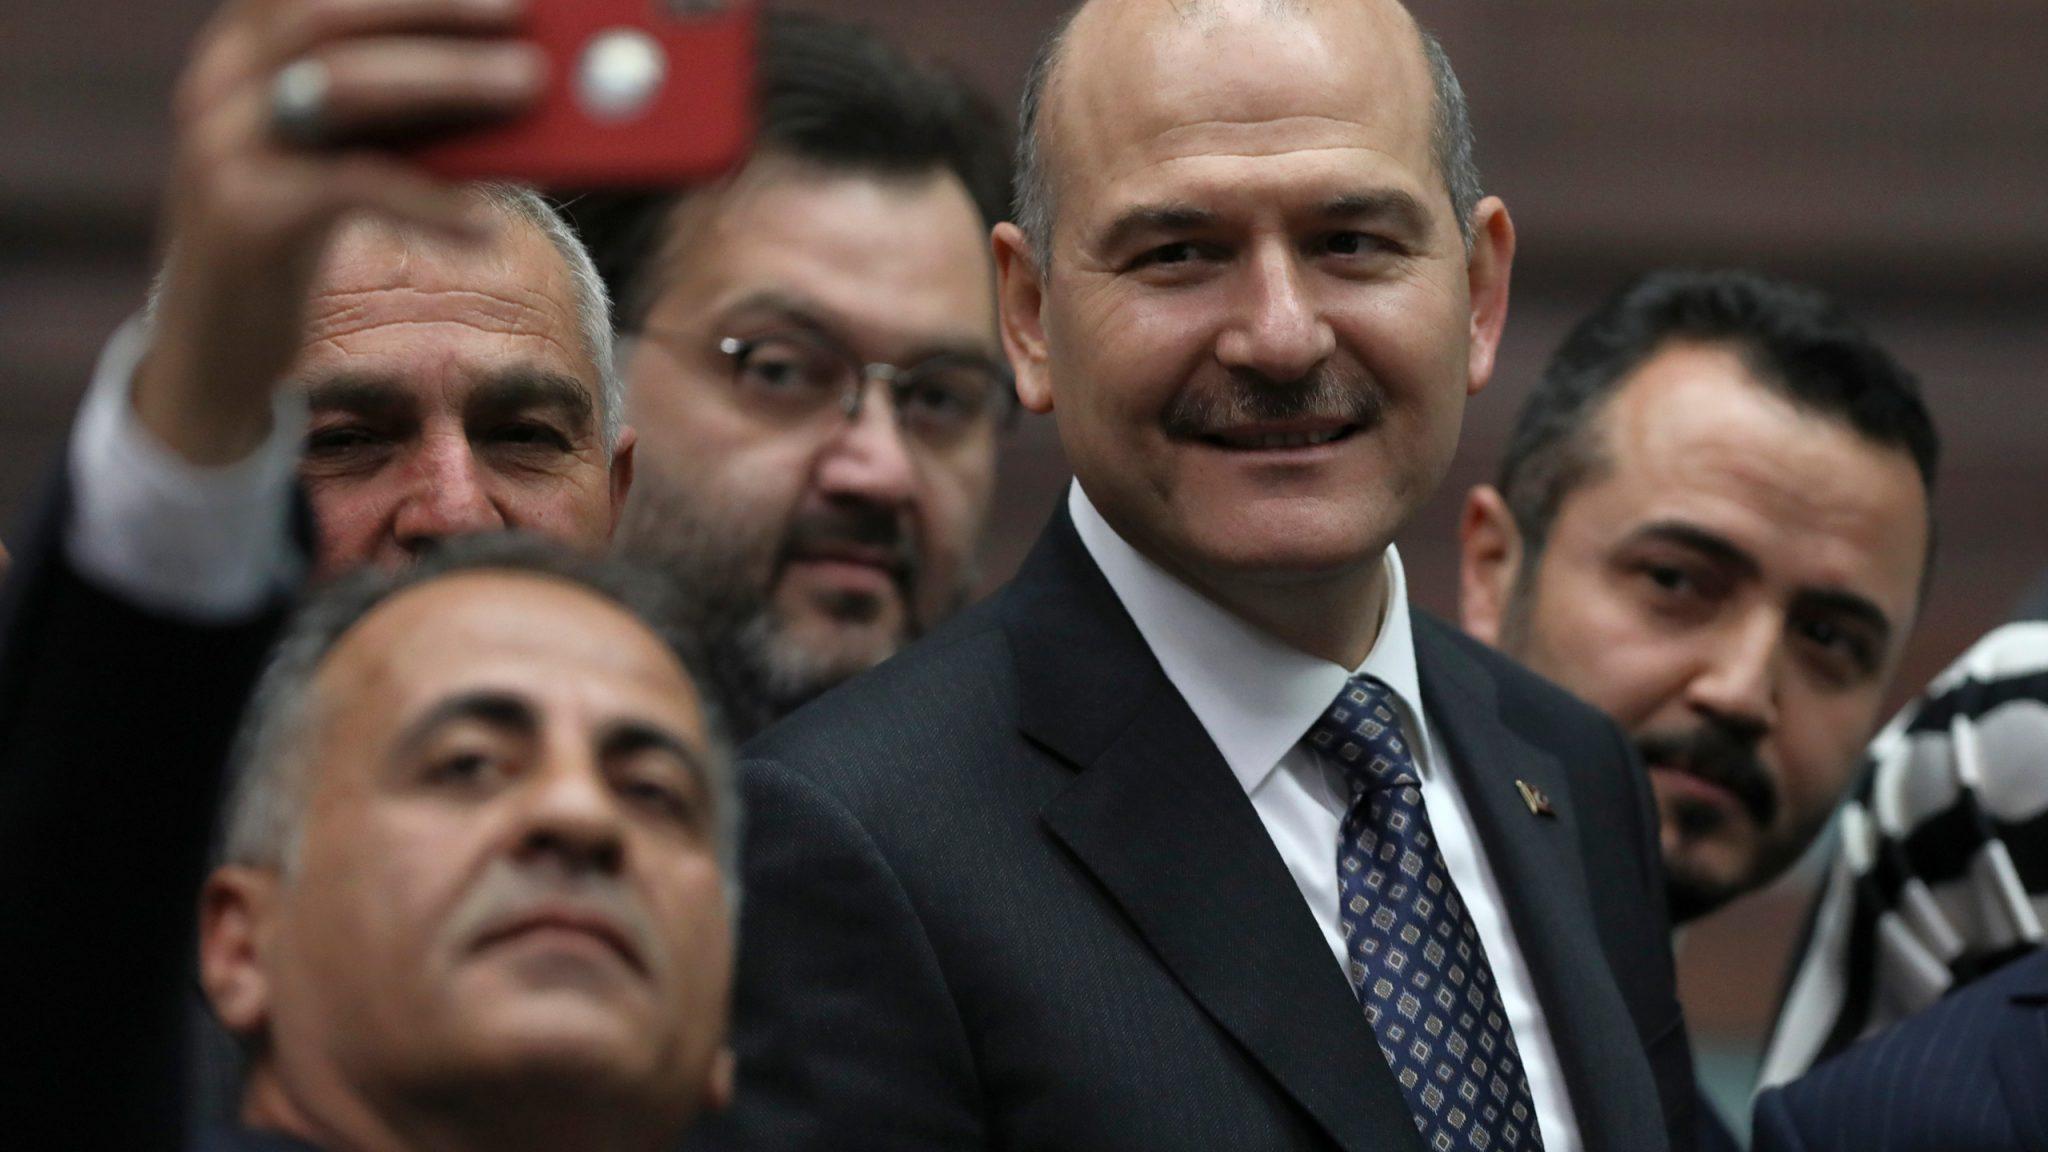 """صورة منافسا لصهره ورجل النجاحات.. بعض أسرار رفض أردوغان لاستقالة """"صويلو"""""""